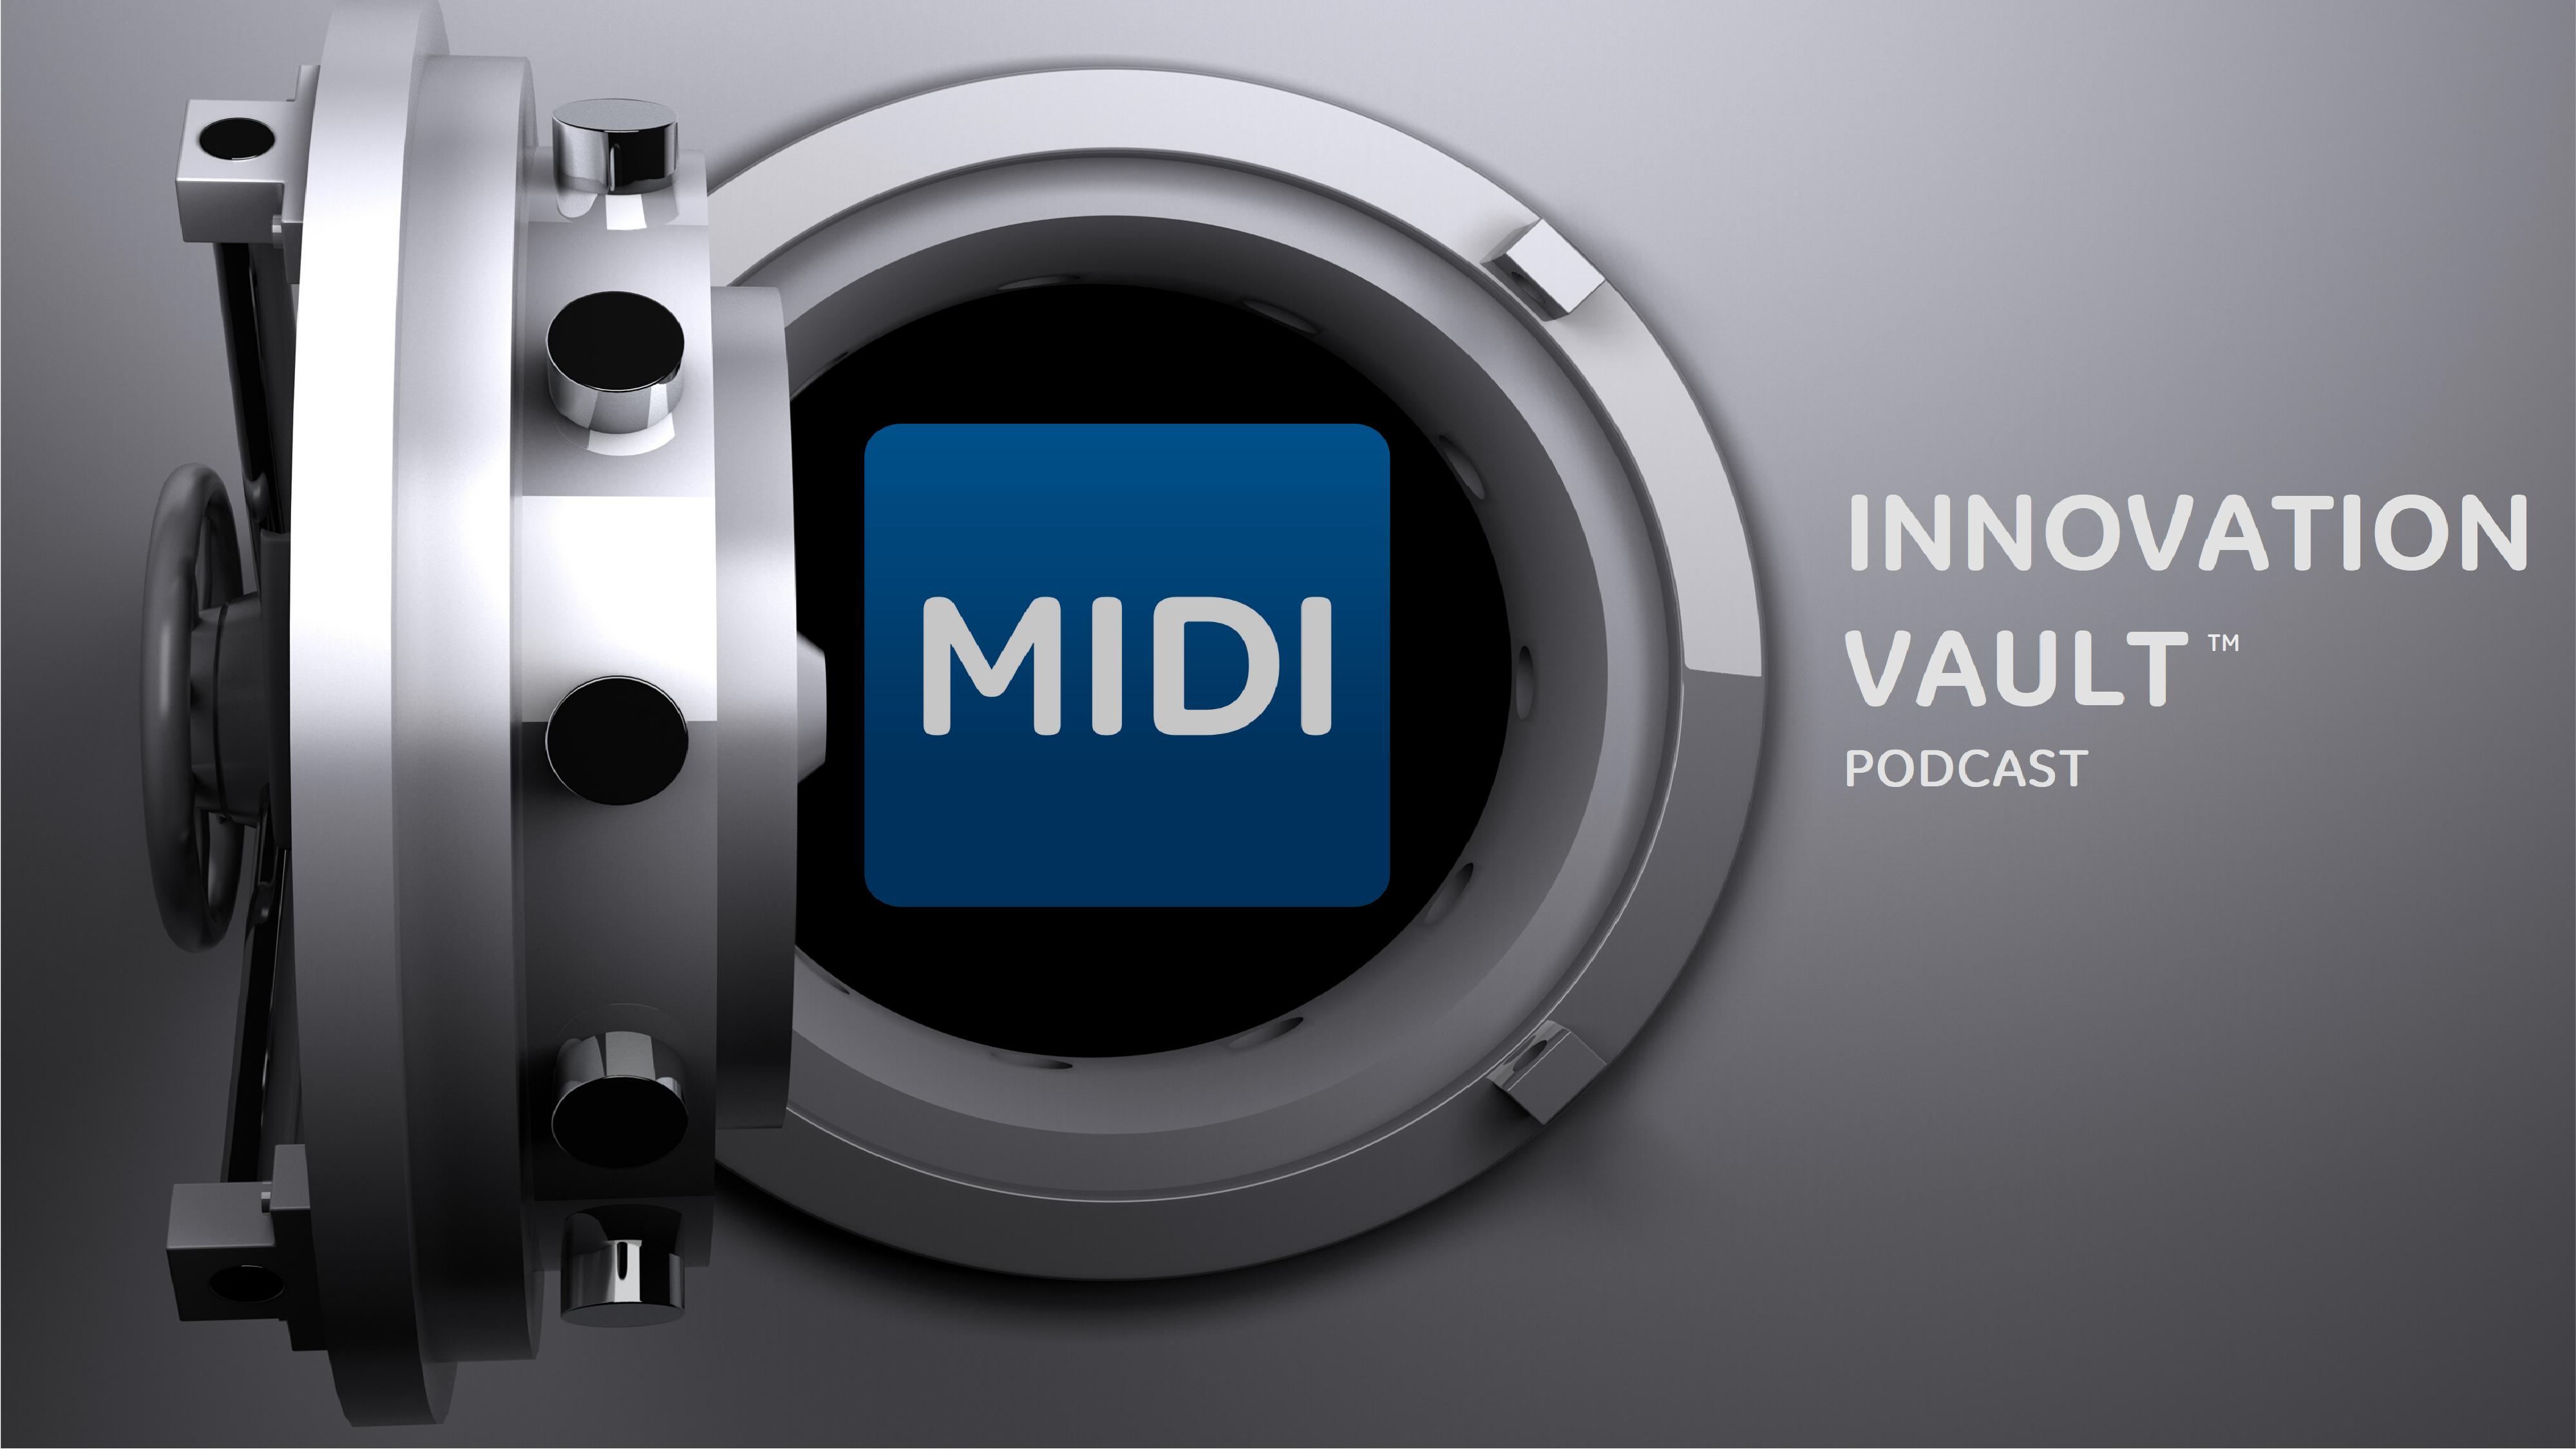 MIDI innovation vault logo-3